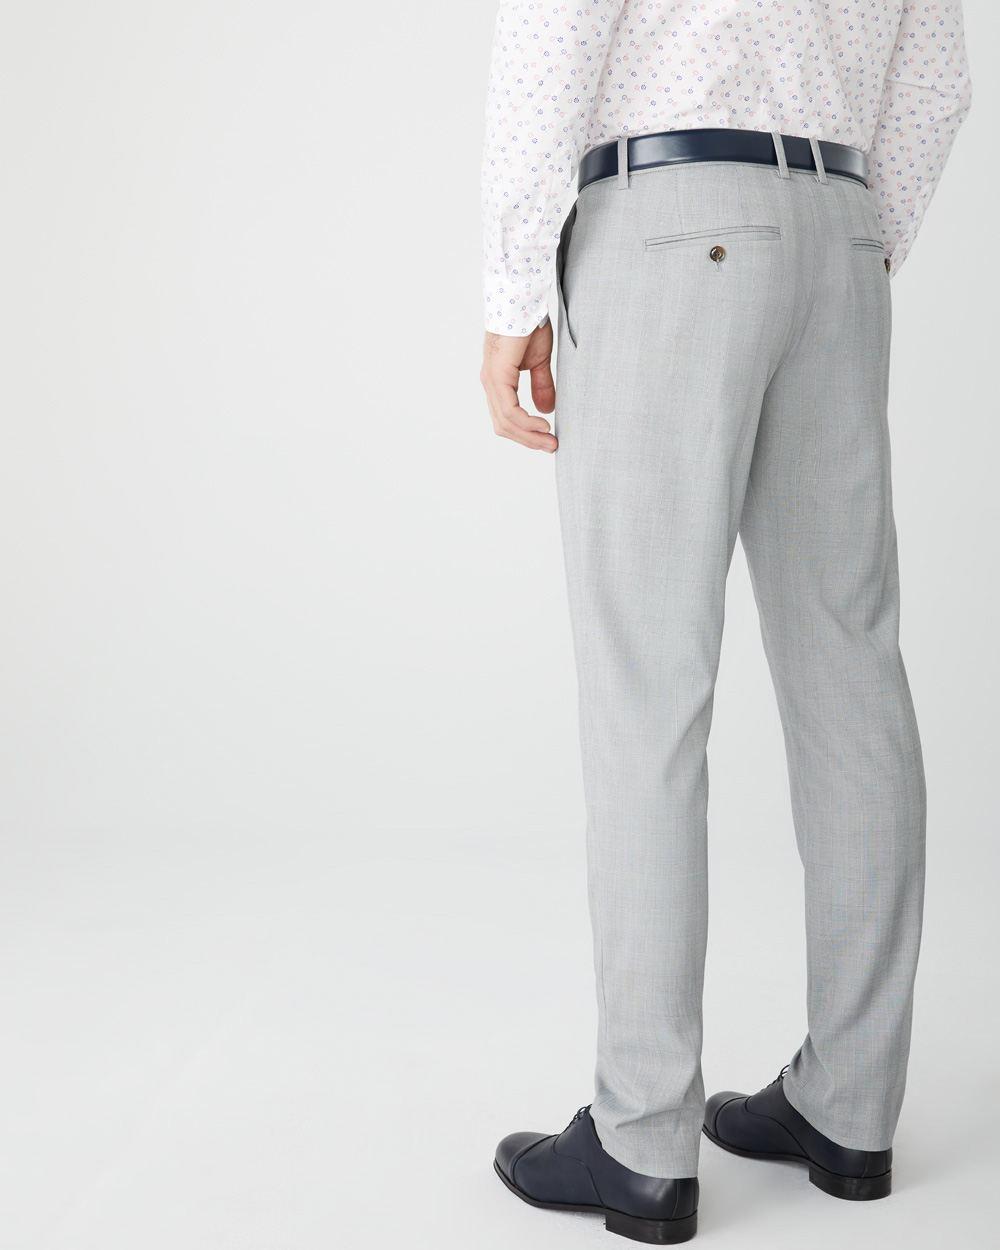 Carreaux À Coupe Pantalon Prince Galles De Ajustée v0ymNnwO8P